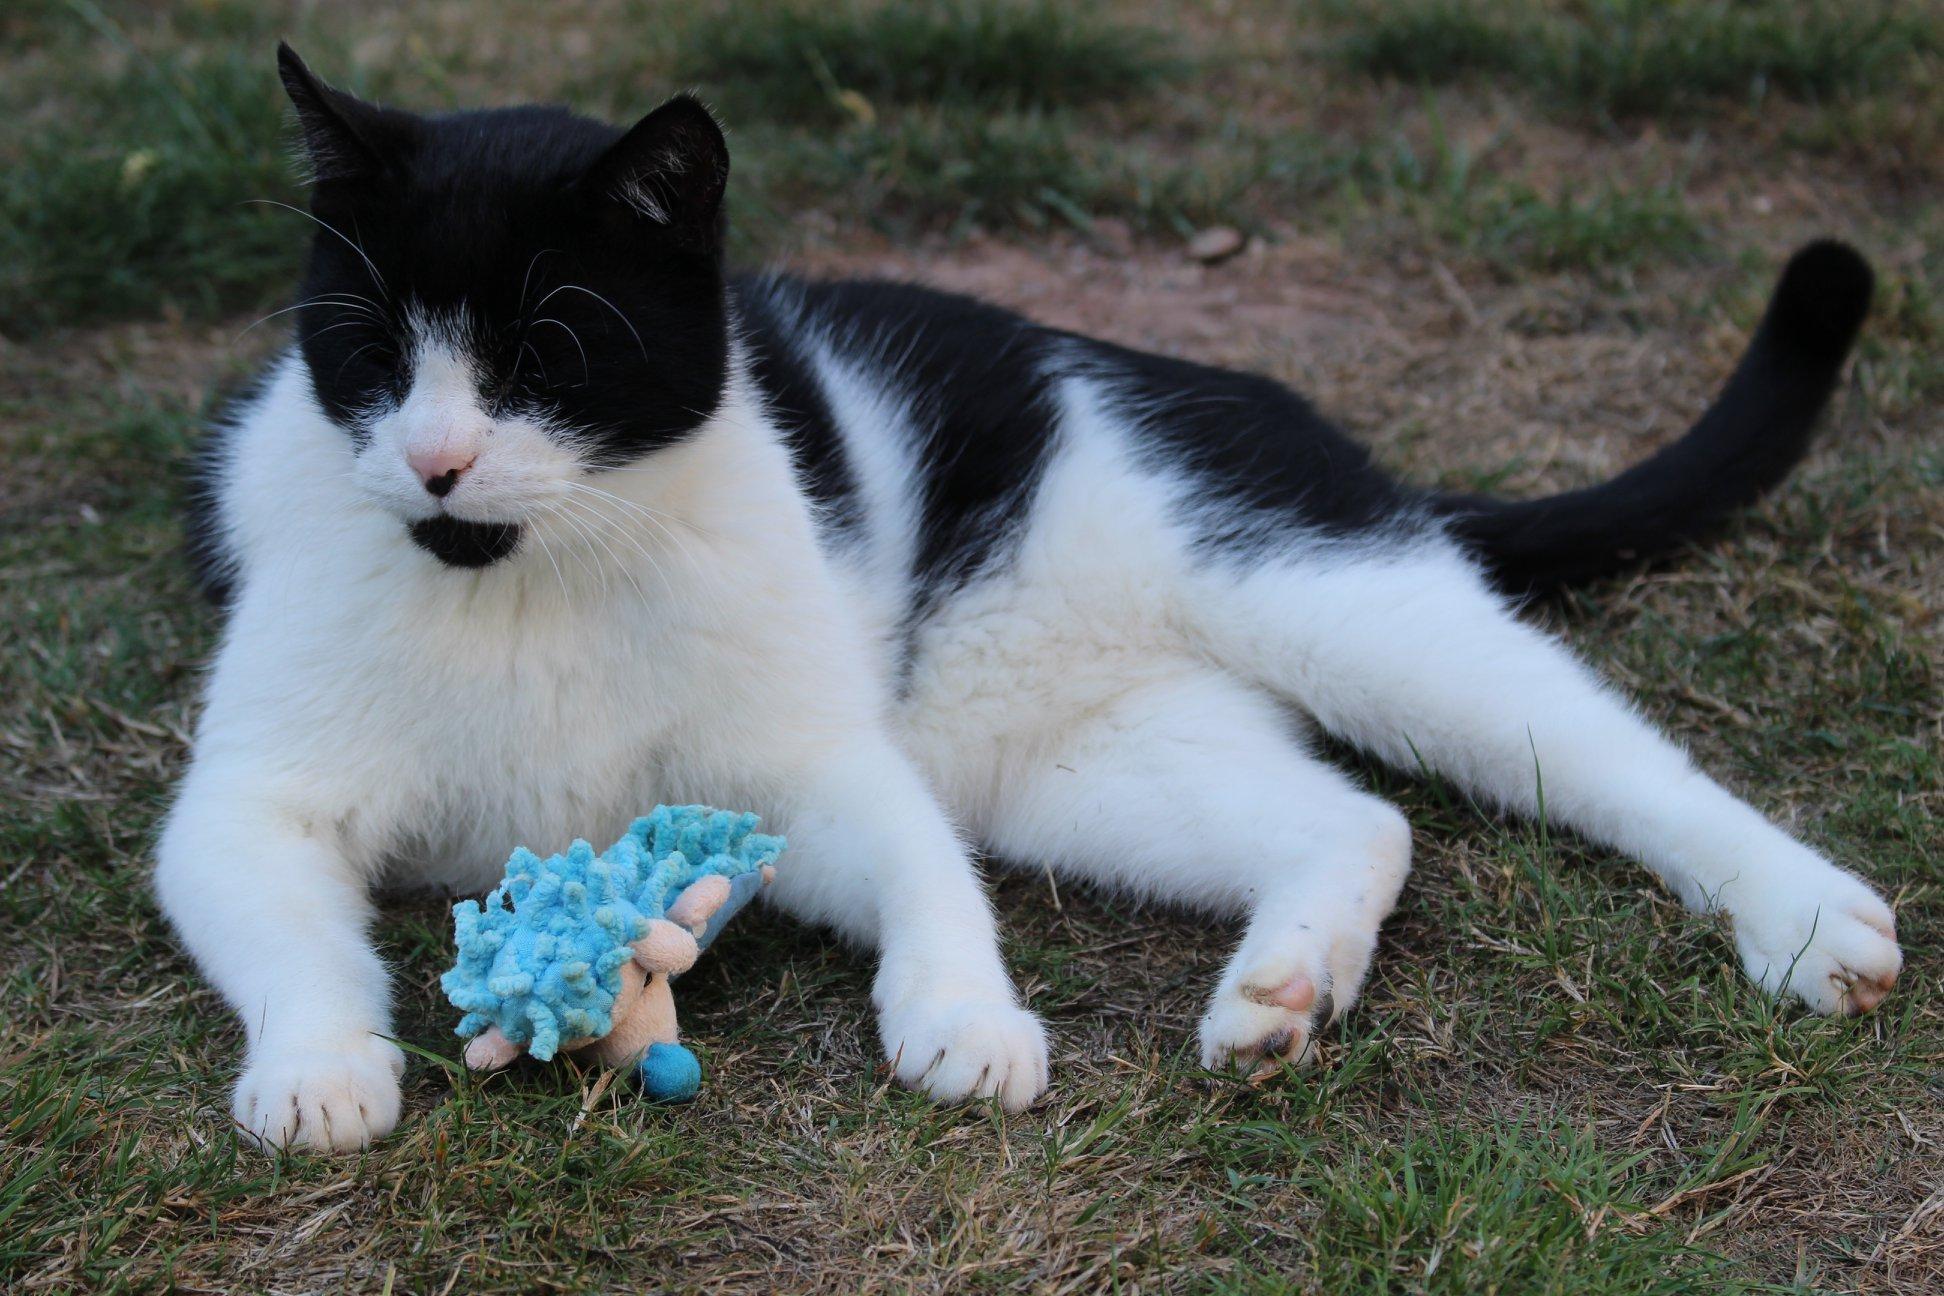 schwarz-weißer Kater liegt mit einem Spielzeug im Gras